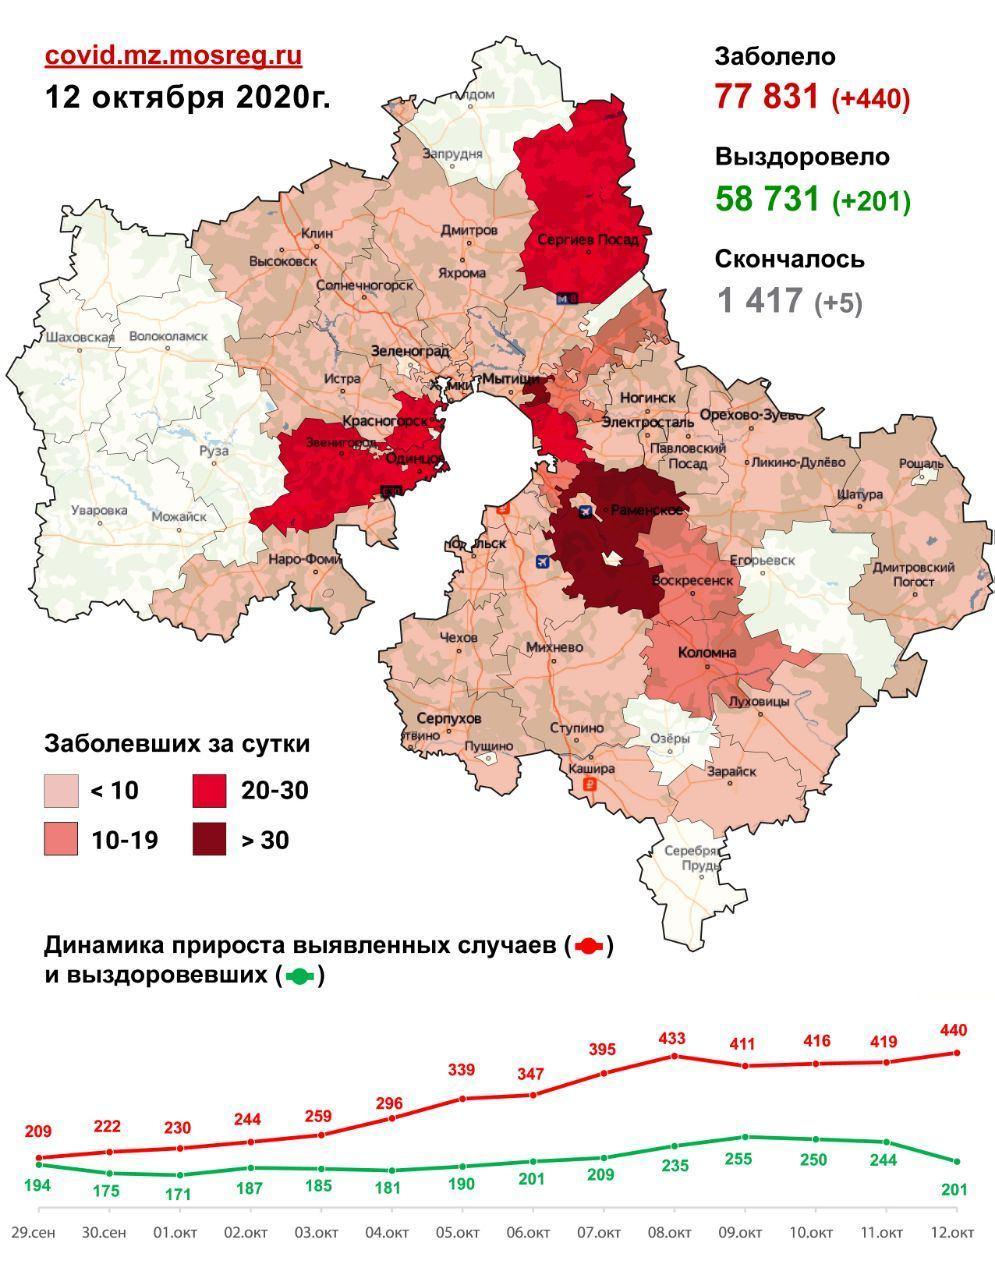 Наибольшее число госпитализаций за прошедшую неделю осуществлено с территории Талдома